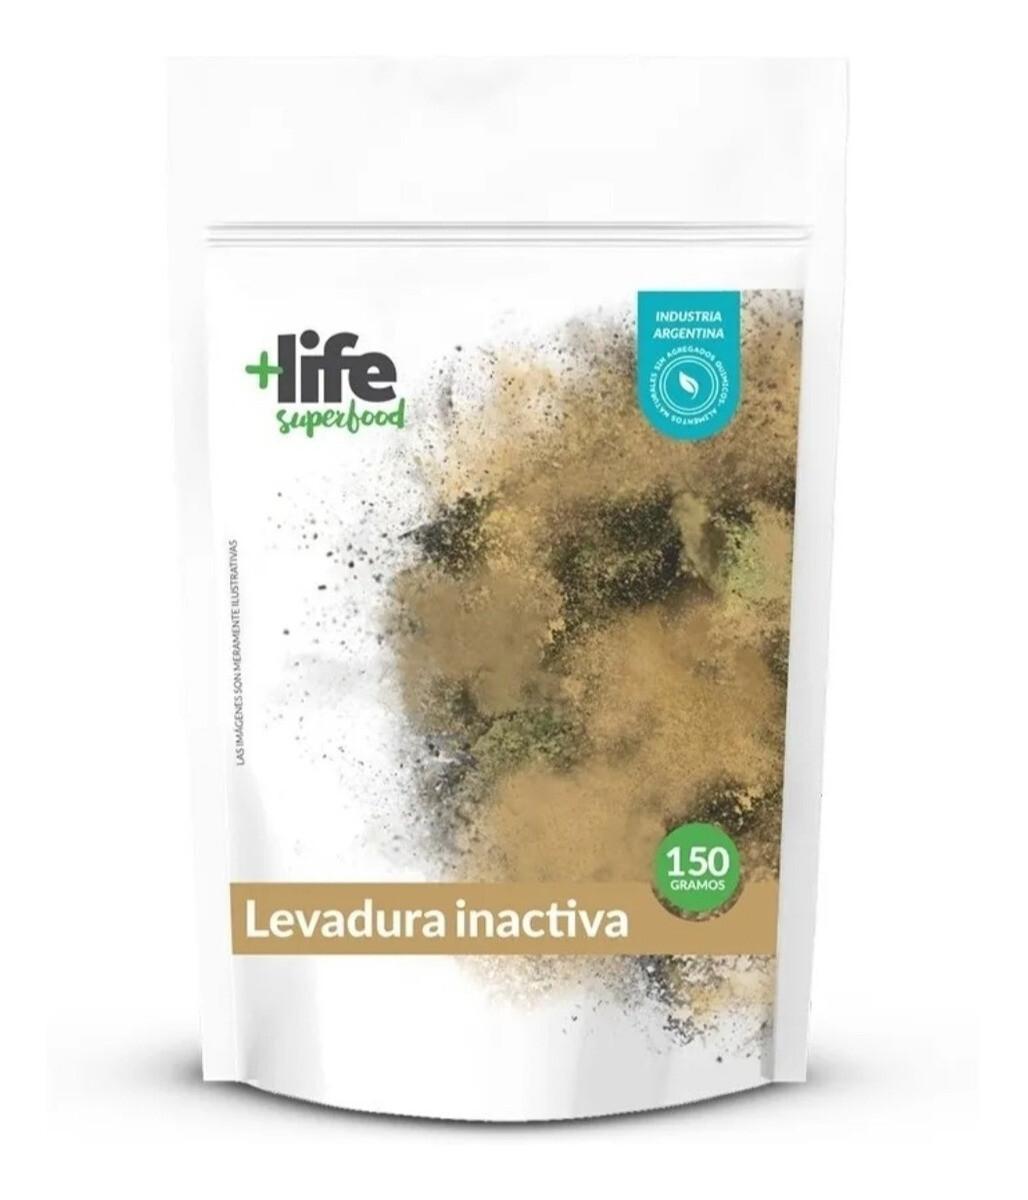 LEVADURA INACTIVA, +LIFE SUPERFOOD, 150 gr